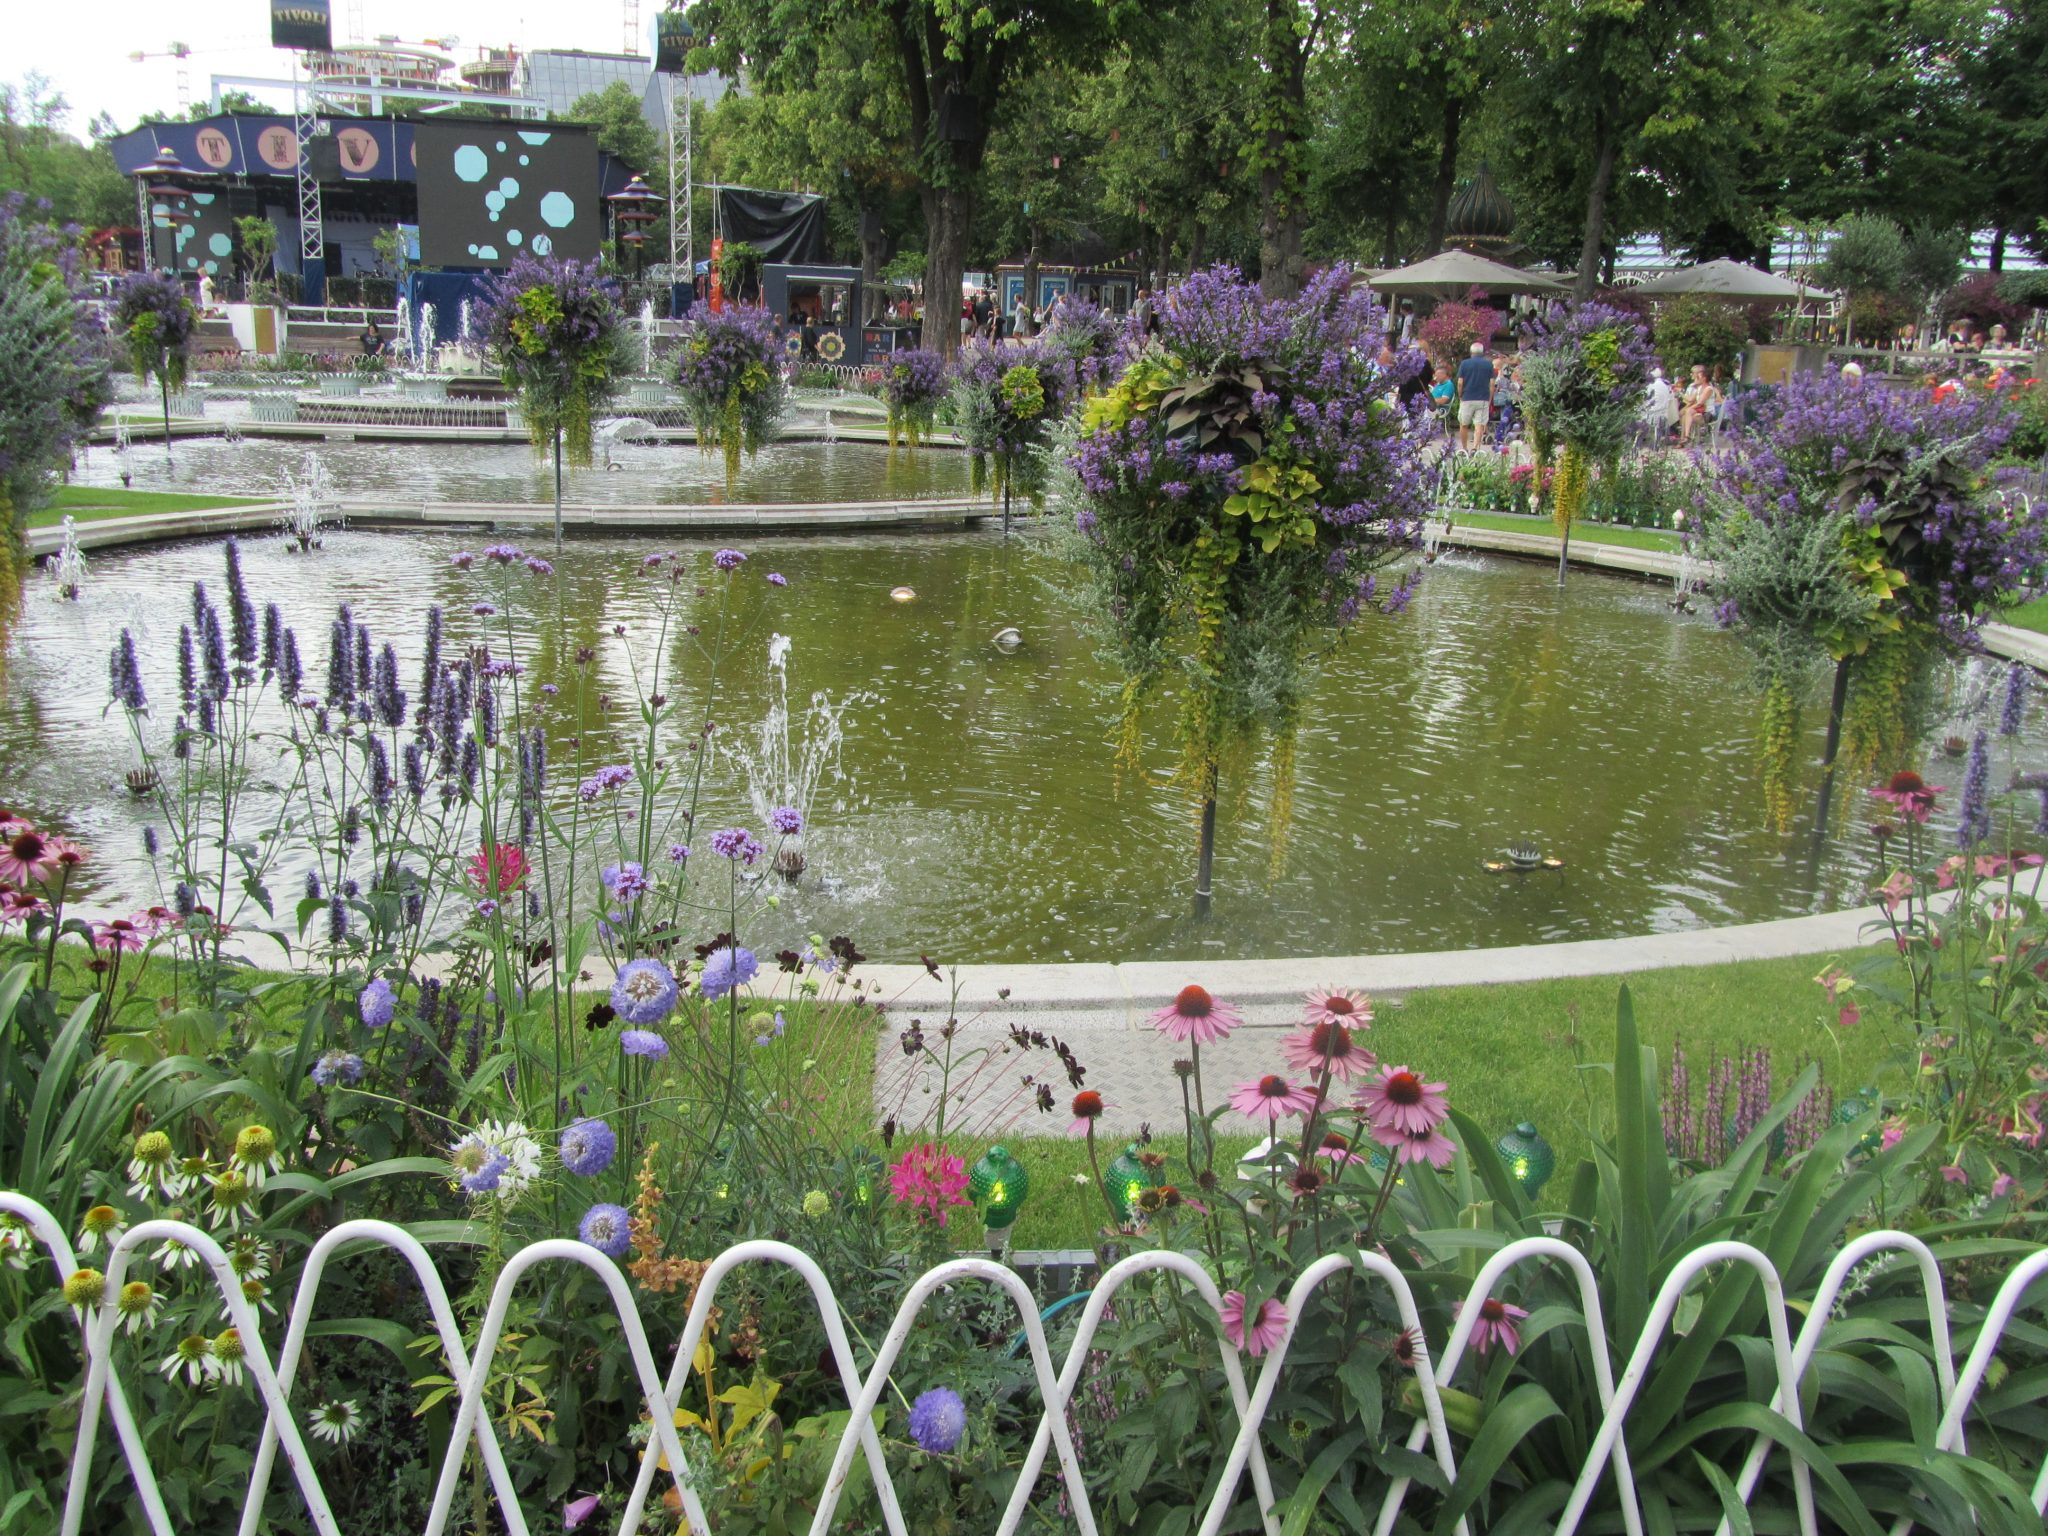 Gardens at Tivoli, Copenhagen, Denmark